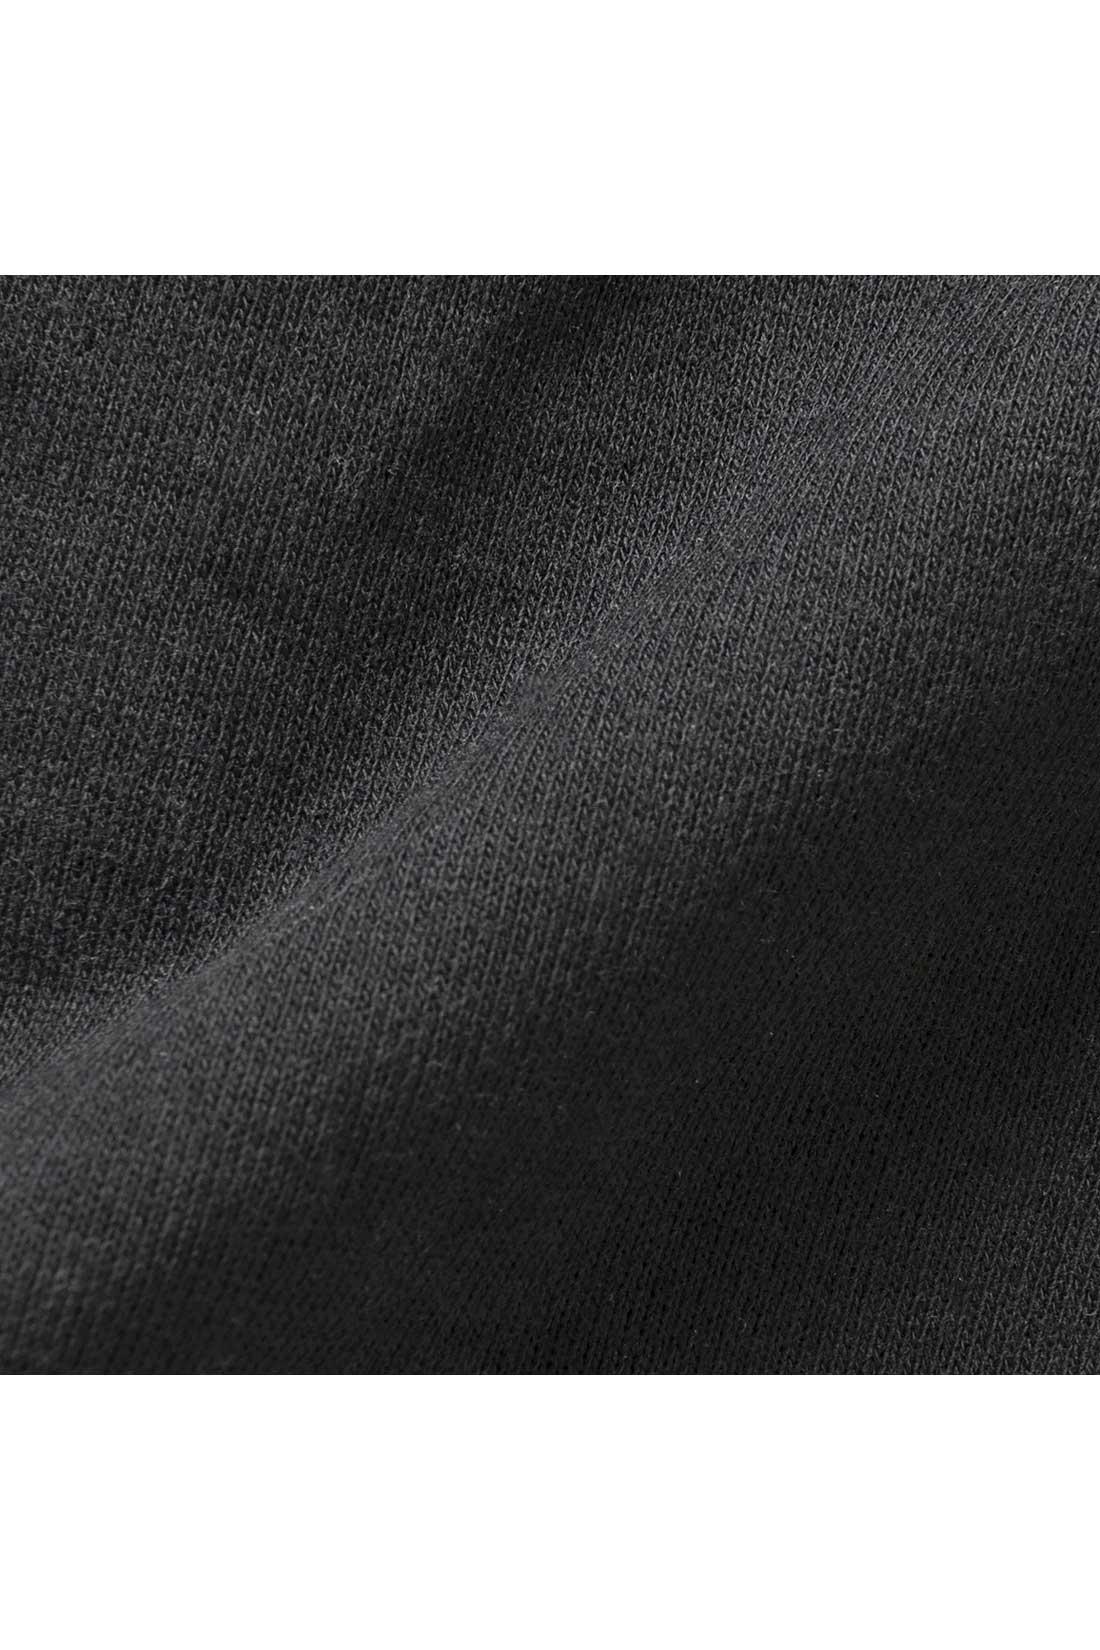 身ごろのスウェットは着まわしやすいベーシックカラー。